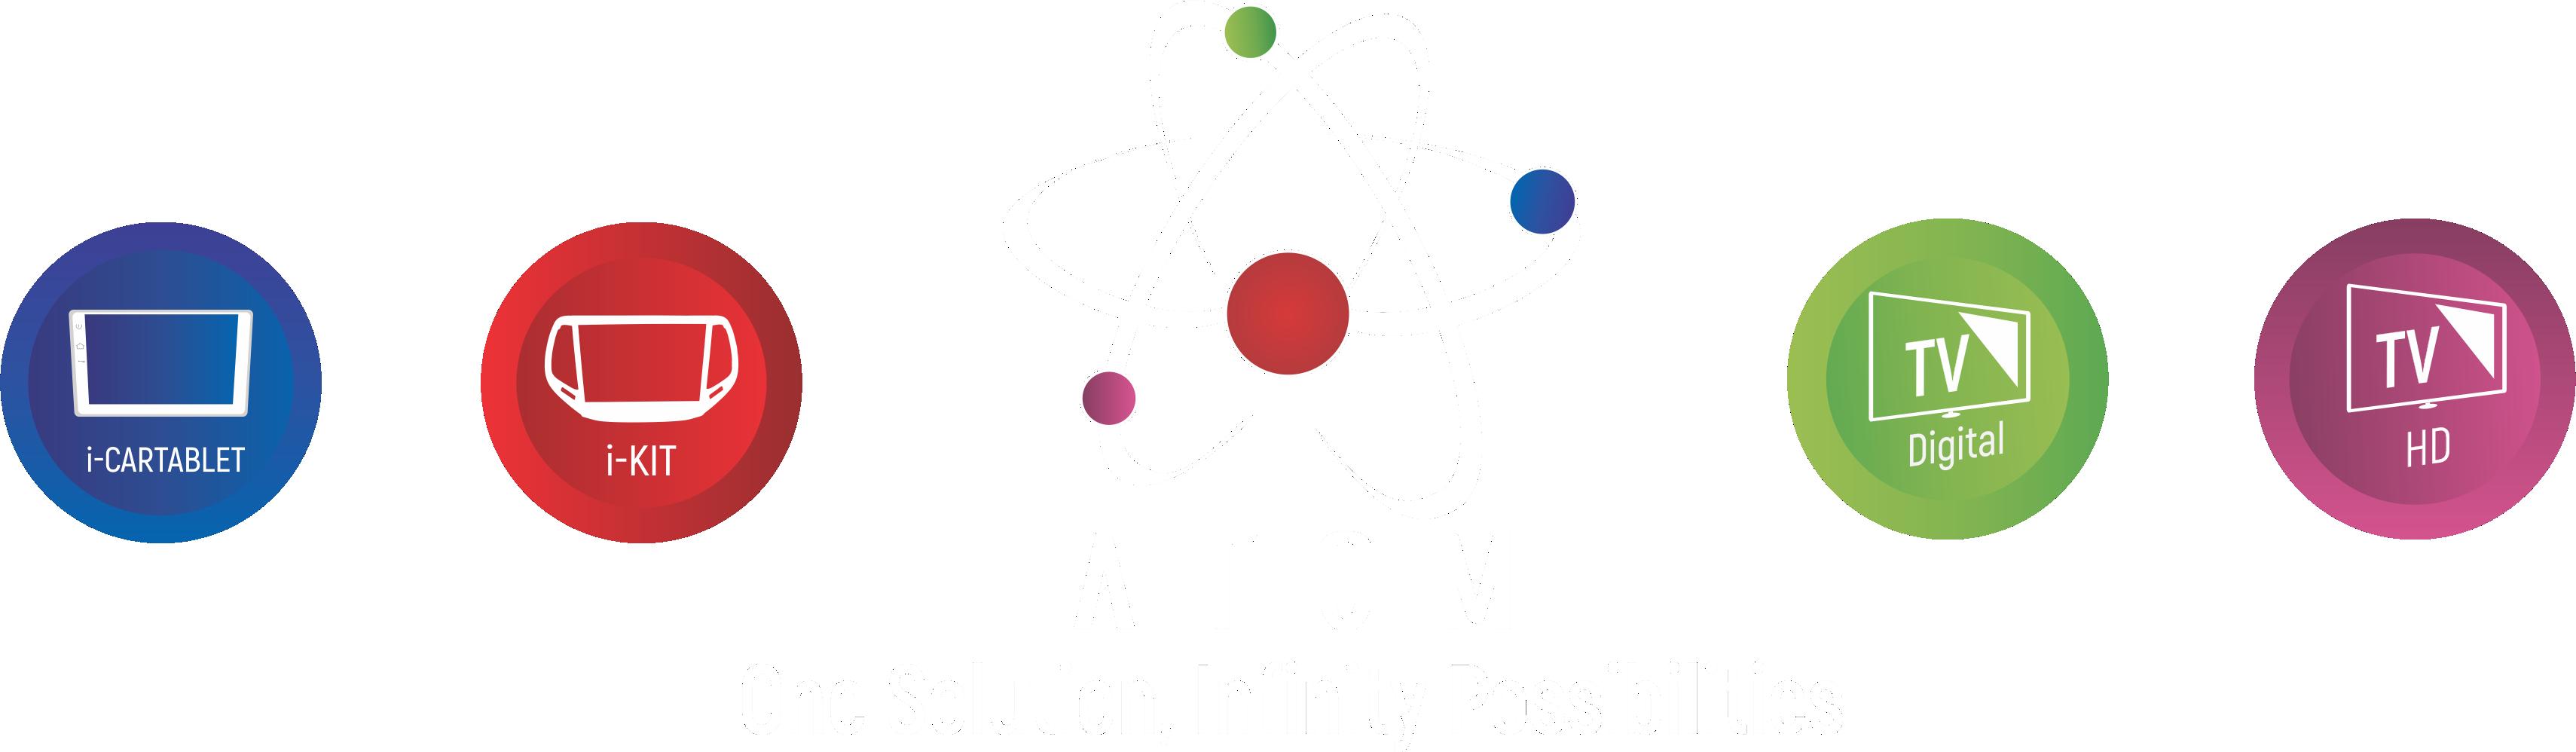 secao 1 - logo atom 3